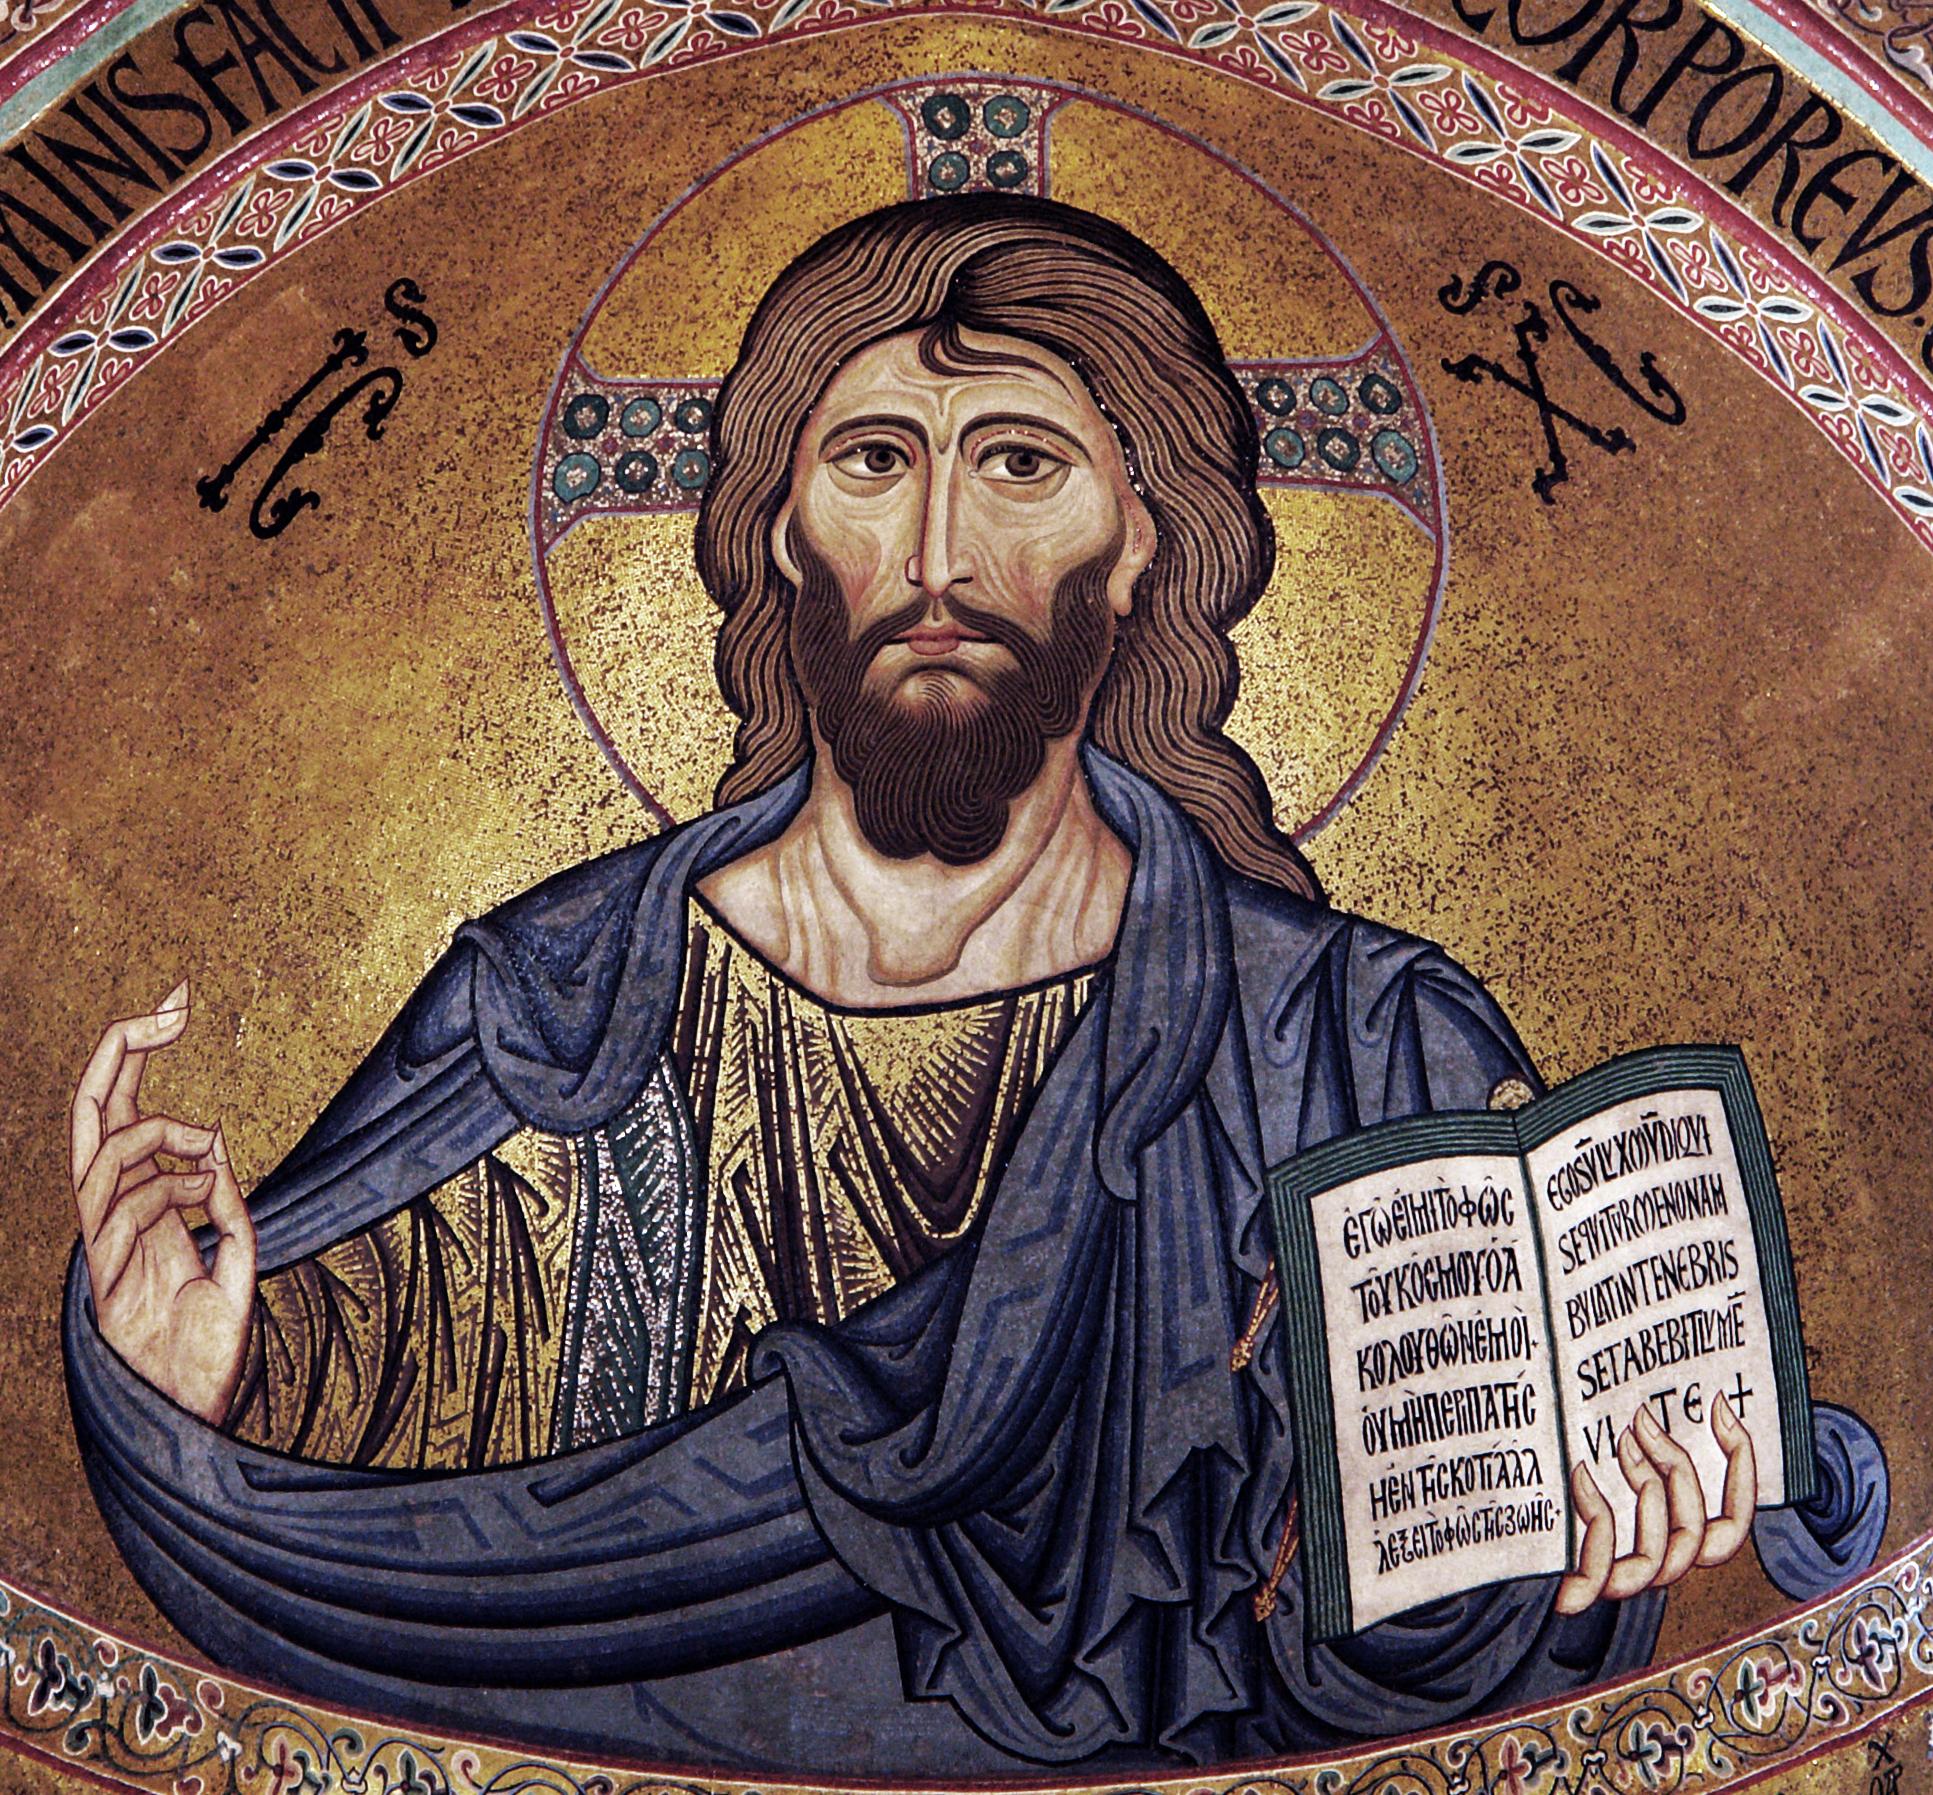 Hình minh họa Chúa Giêsu đang giảng đạo